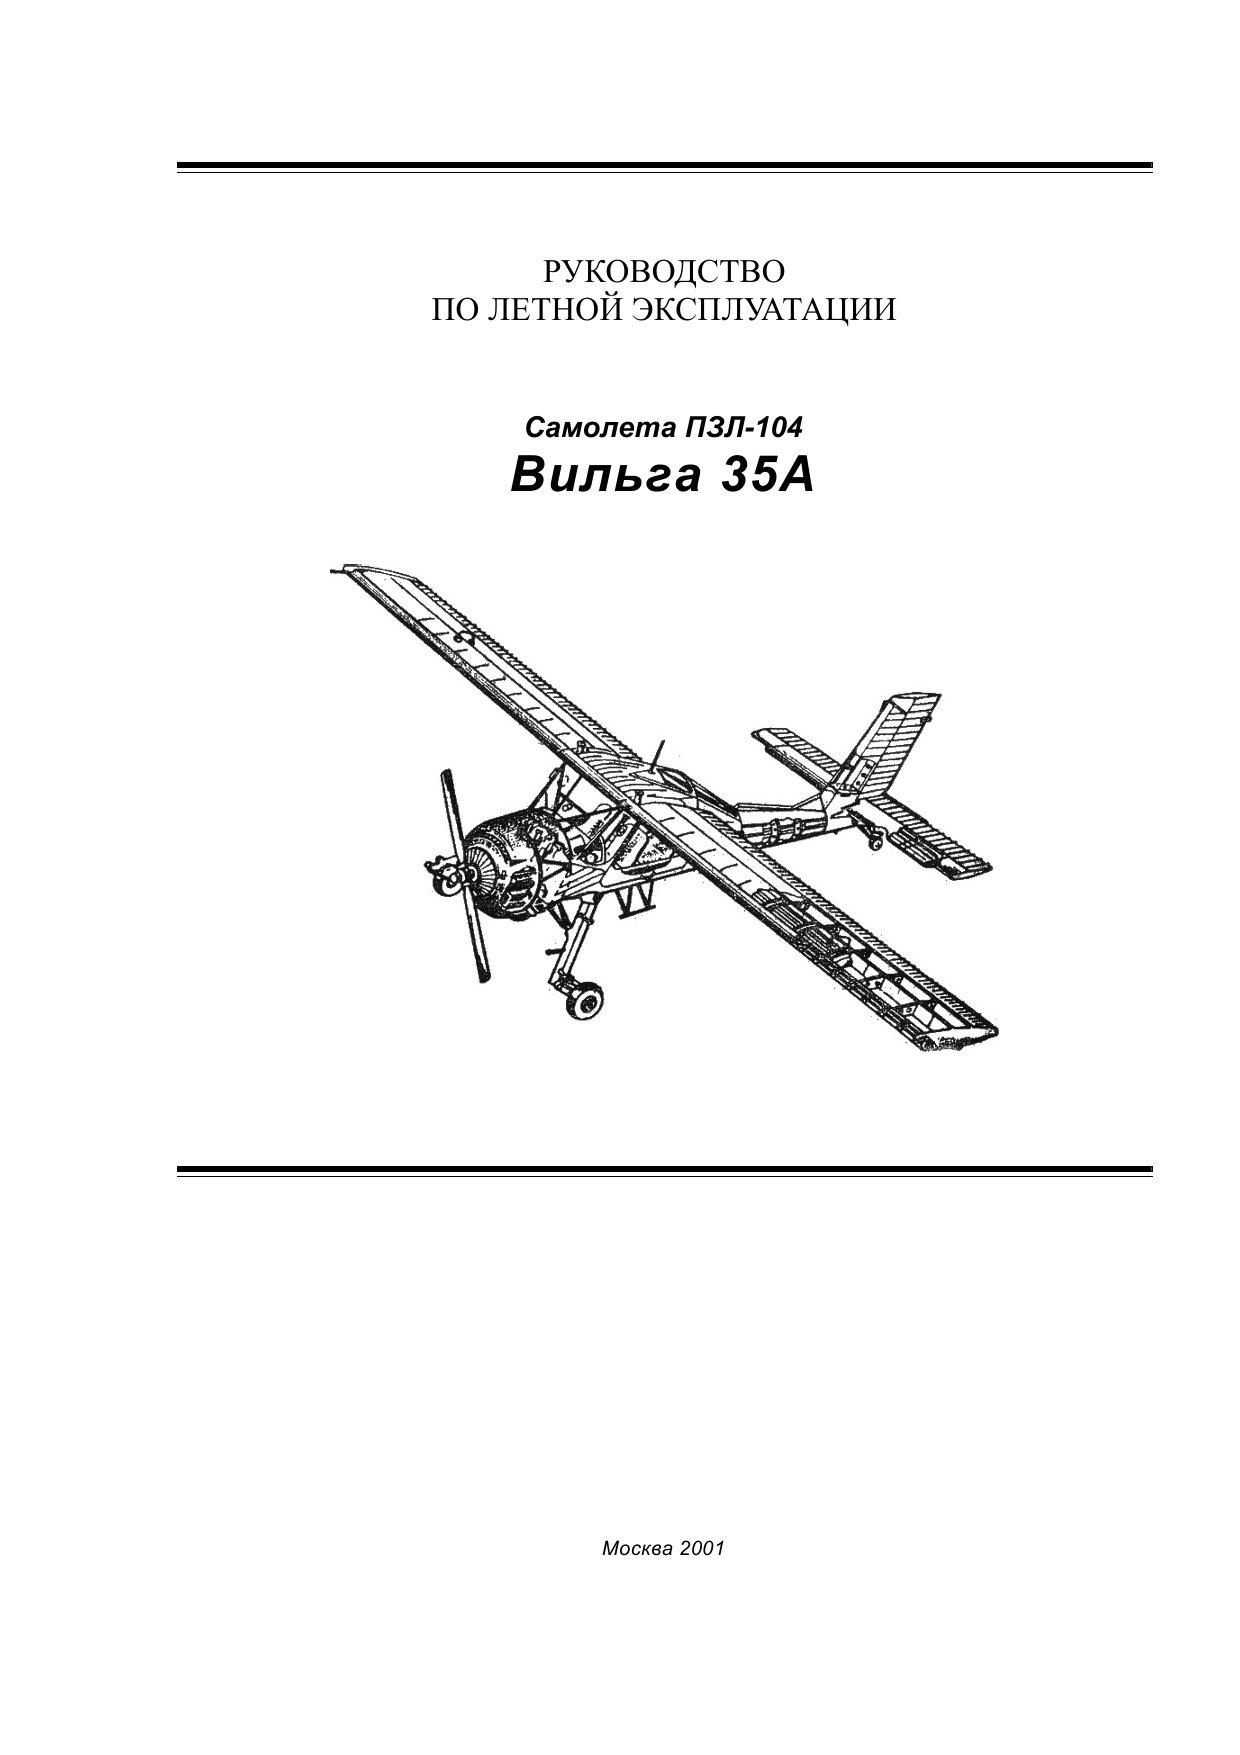 Руководство По Летной Эксплуатации Самолета Вильга-35А Пзл-104